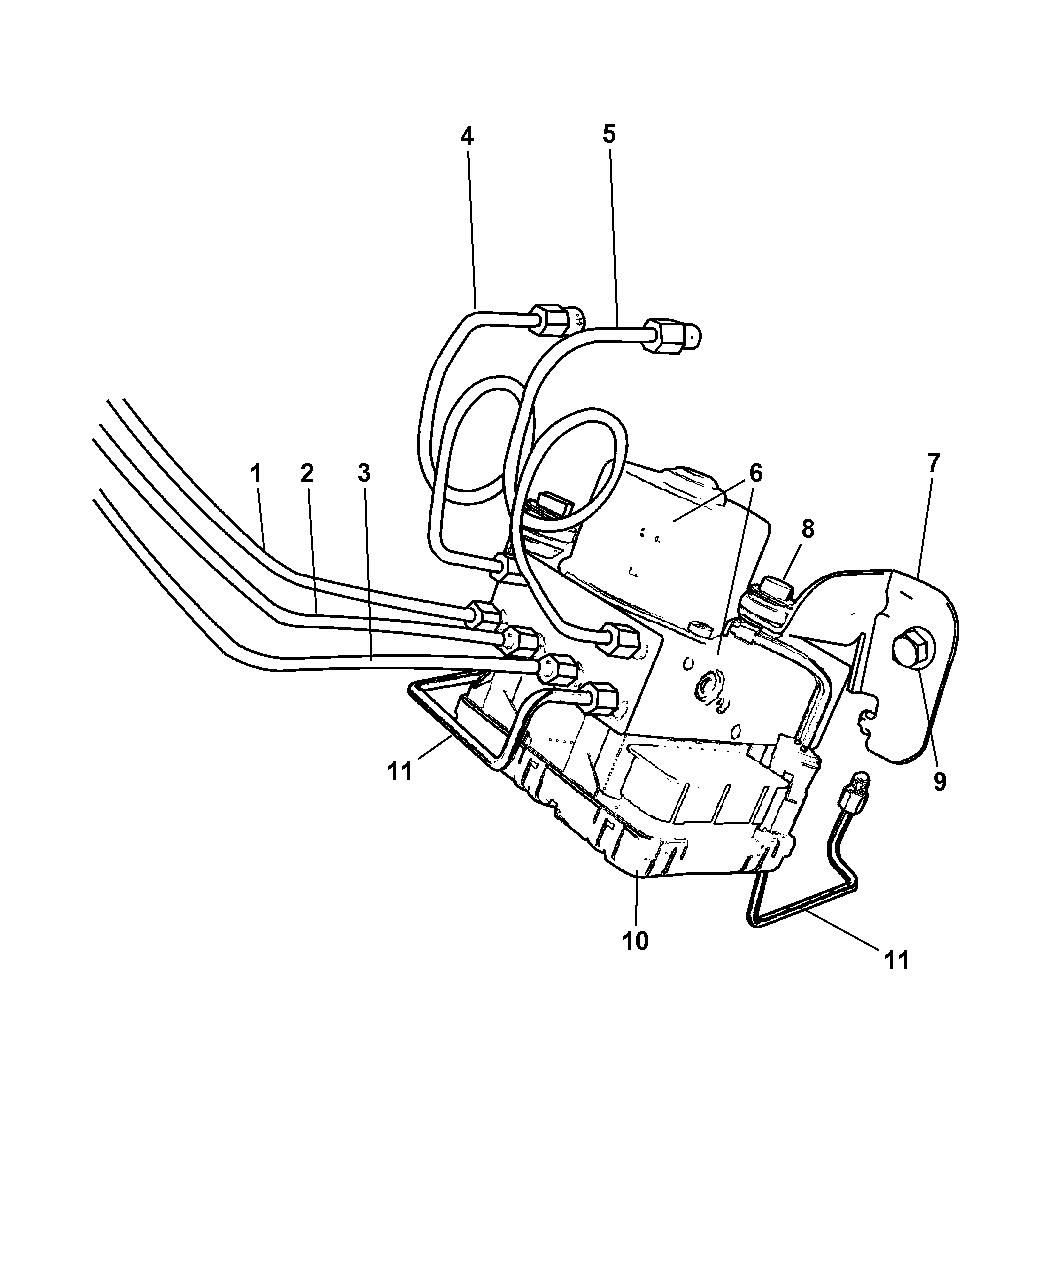 Dodge Neon Anti Lock Brake Control